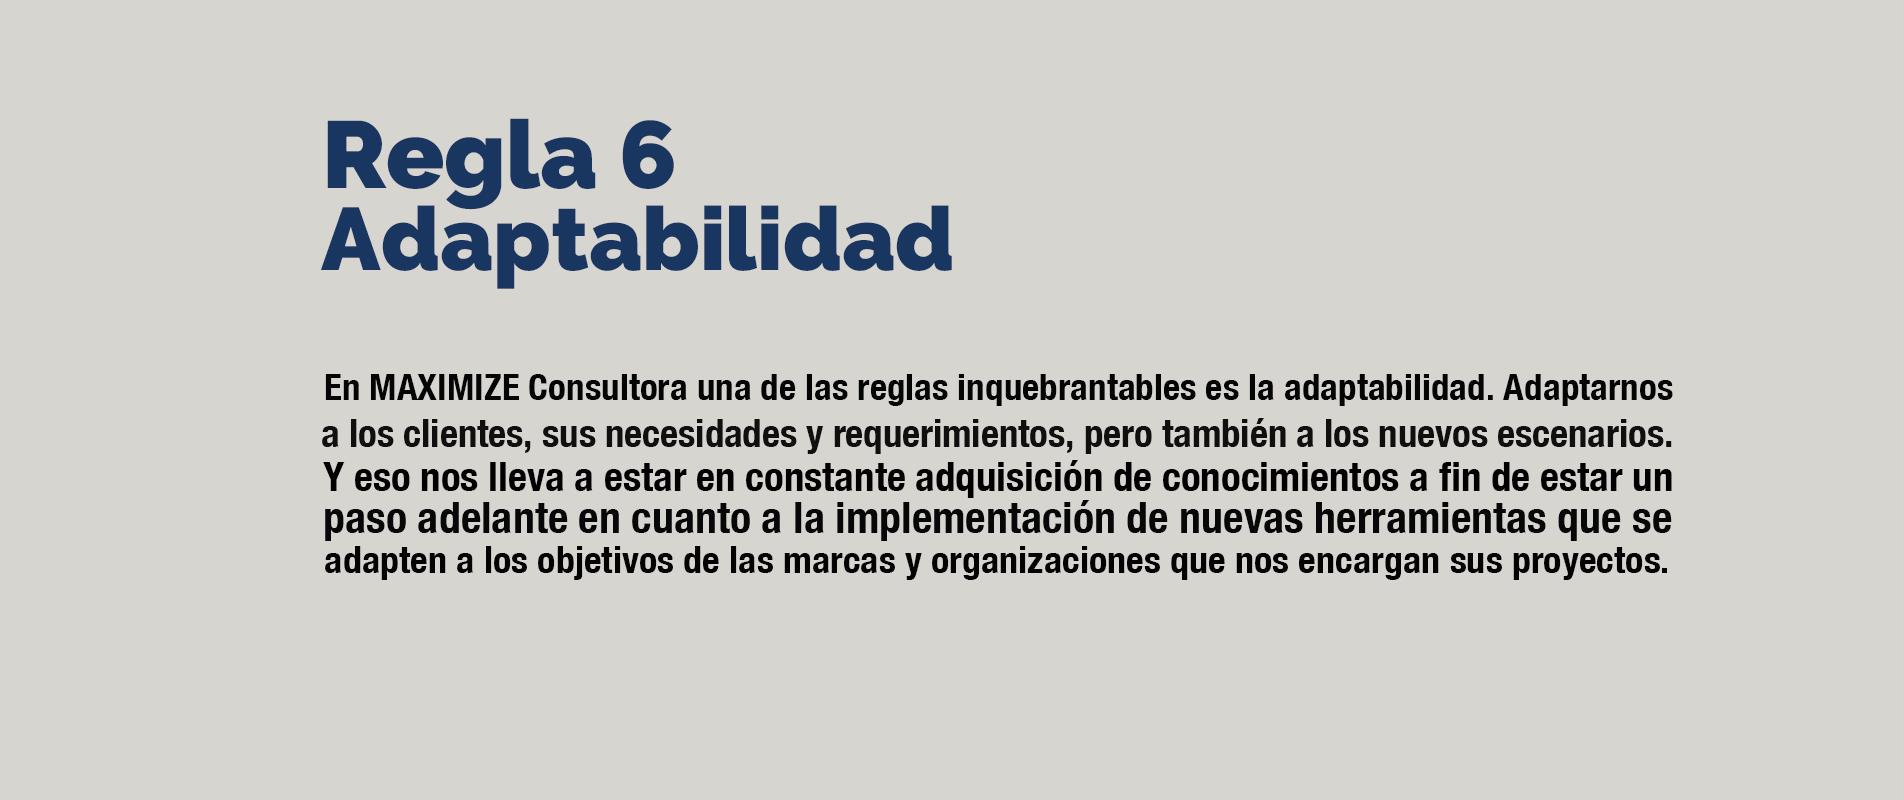 regla6 adaptabilidad